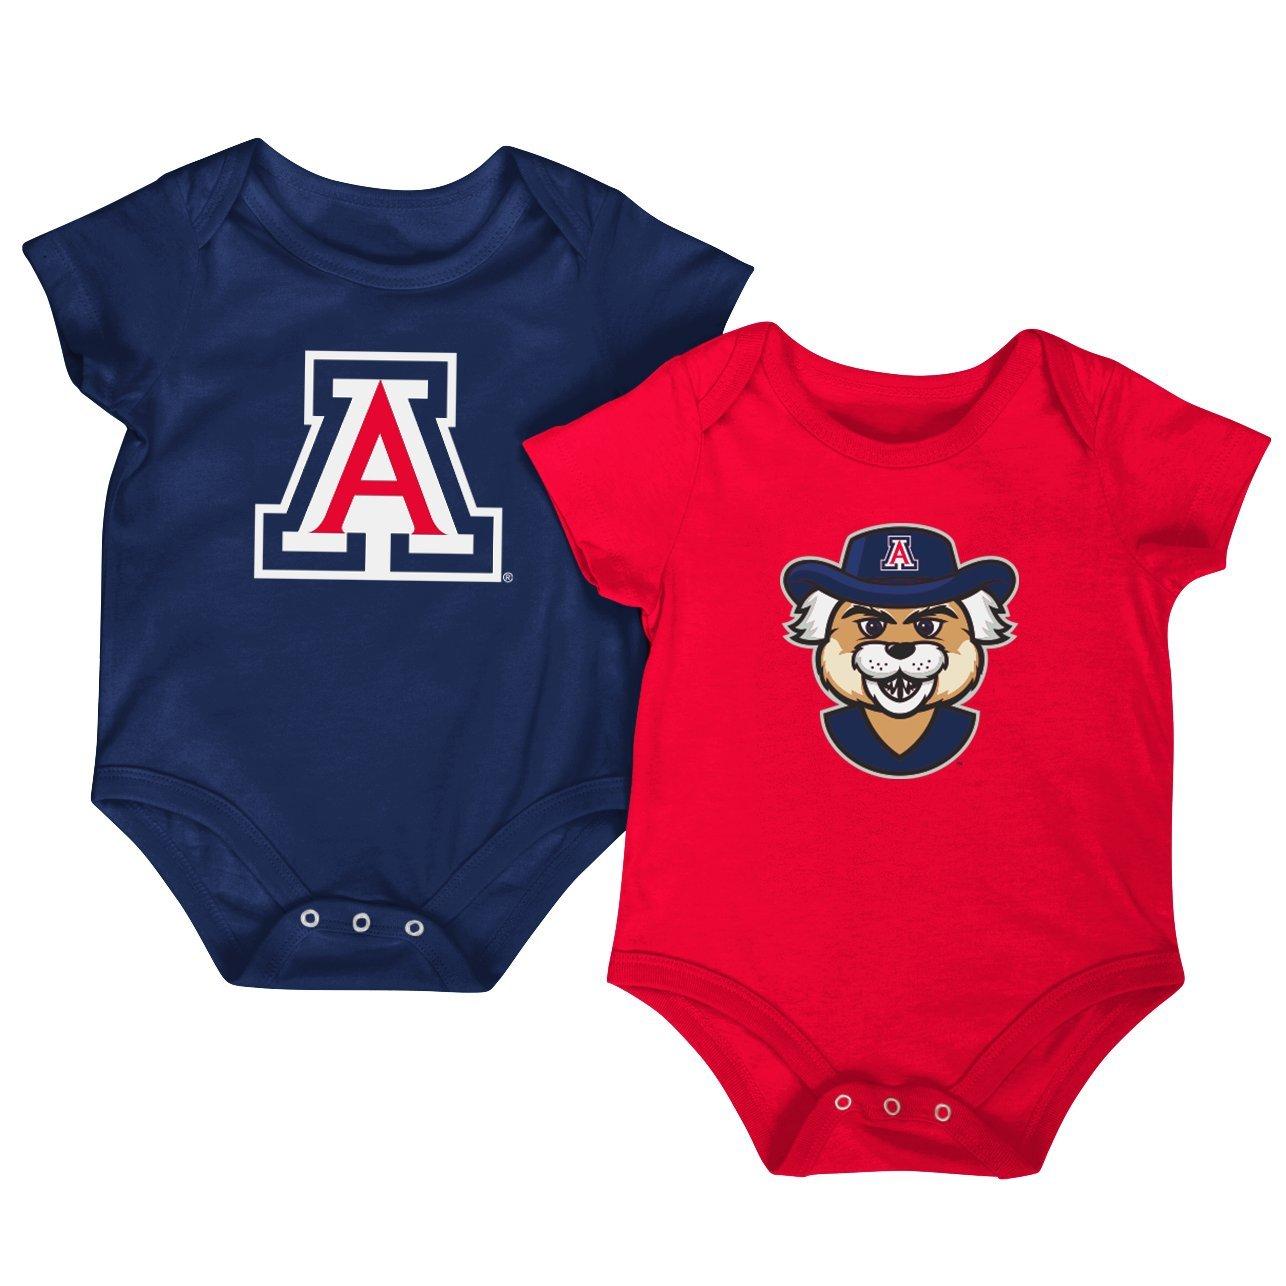 【超歓迎】 Colosseum NCAA半袖ボディスーツ2-pack-newbornと幼児サイズ 0-3 B0761F9QFP アリゾナワイルドキャッツ 0-3 Months 0-3 Months 0-3 Months アリゾナワイルドキャッツ, ヒルズファーム:06d4fbc9 --- svecha37.ru